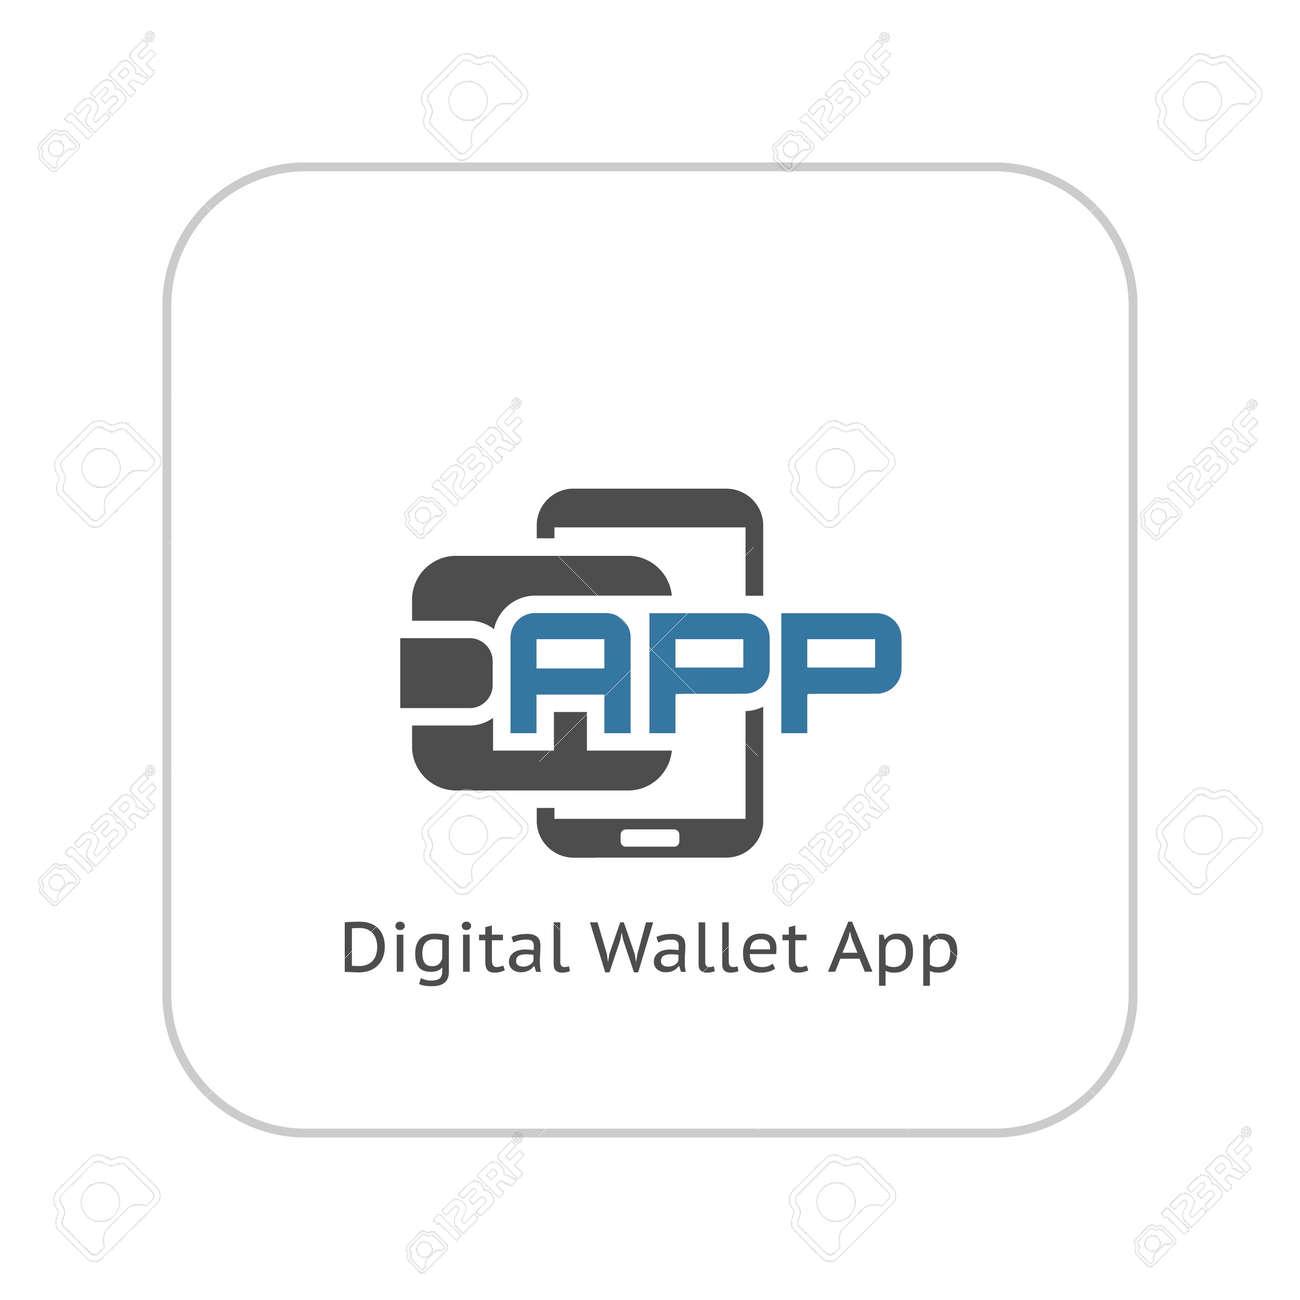 Modern Flat Digital Wallet APP Concept Illustration. Mobile Banking ...